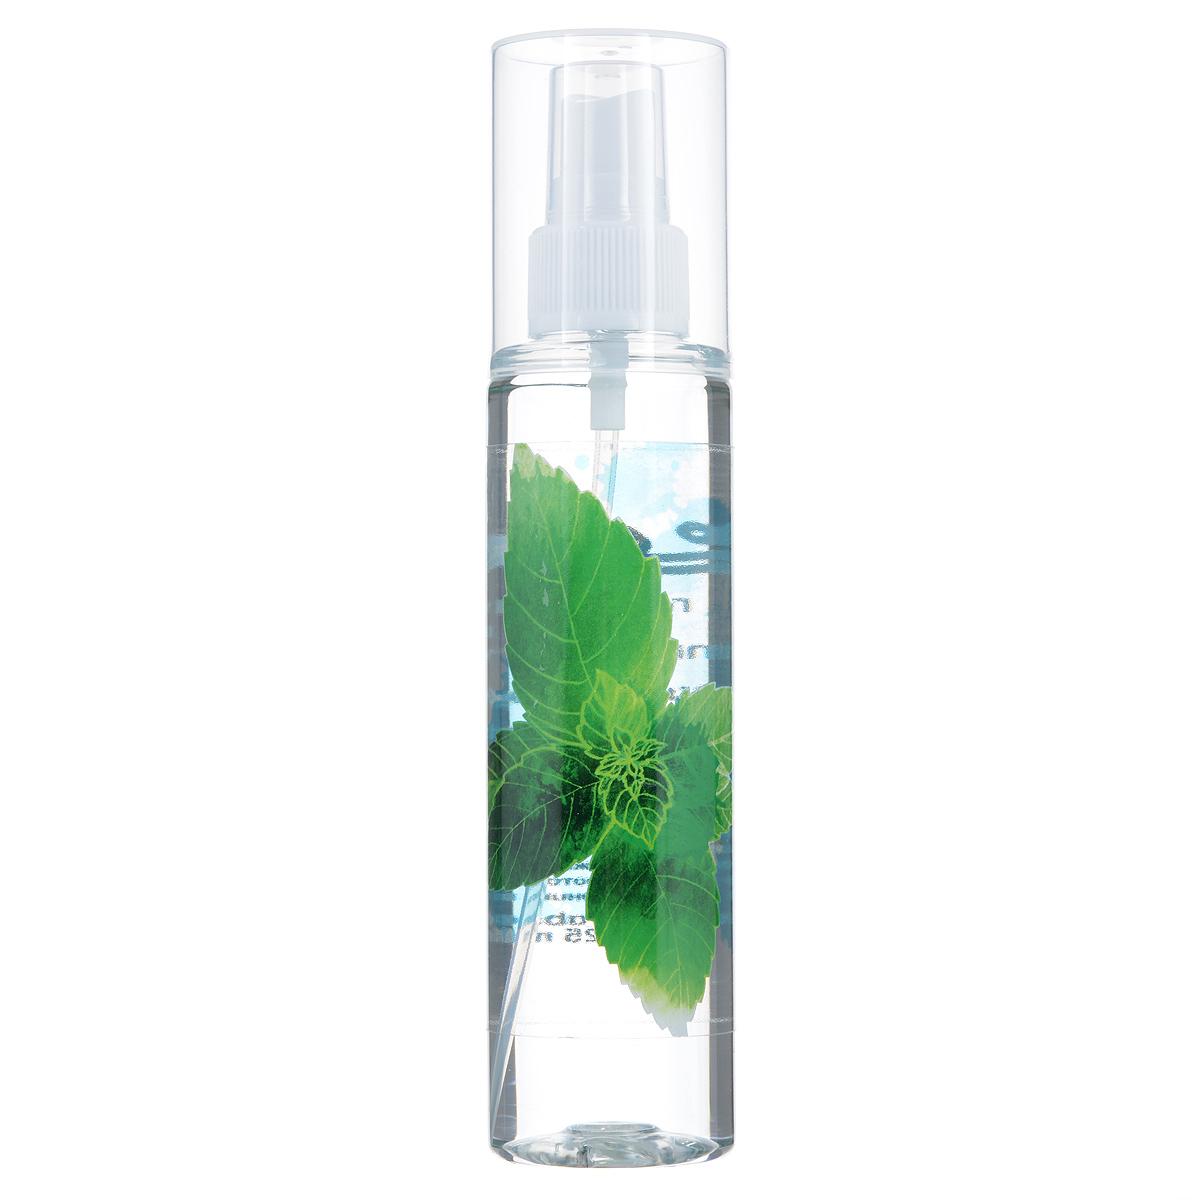 Зейтун Гидролат Мята, 125 млZ3813Гидролат мяты хорошо распылять на лицо и область декольте — он бодрит, освежает, улучшает цвет и общий тонус кожи, подтягивает её. Также может снять отёчность и раздражение, облегчить аллергическую реакцию. Мятная вода обладает удивительным освежающим эффектом не только для кожи, но и для ума — помогает сконцентрироваться, в то же время успокаивая нервы. В сочетании с гидролатом розмарина, отличная — и более полезная — замена кофе. Помогает легче переносить жару. Мятную воду вы можете использовать разными способами: • в качестве тоника для кожи лица и тела, • добавлять в воду, когда принимаете ванну, • применять как ополаскиватель после мытья волос, • можно распылять в течение дня на волосы: гидролат легко ложится, не склеивает их, слабо фиксируя причёску и придавая волосам нежный аромат, • наносить перед применением крема или косметического масла, ради подготовки кожи и усиления воздействия средства, • использовать для тонизации кожи после скраба или пилинга, • разводить...